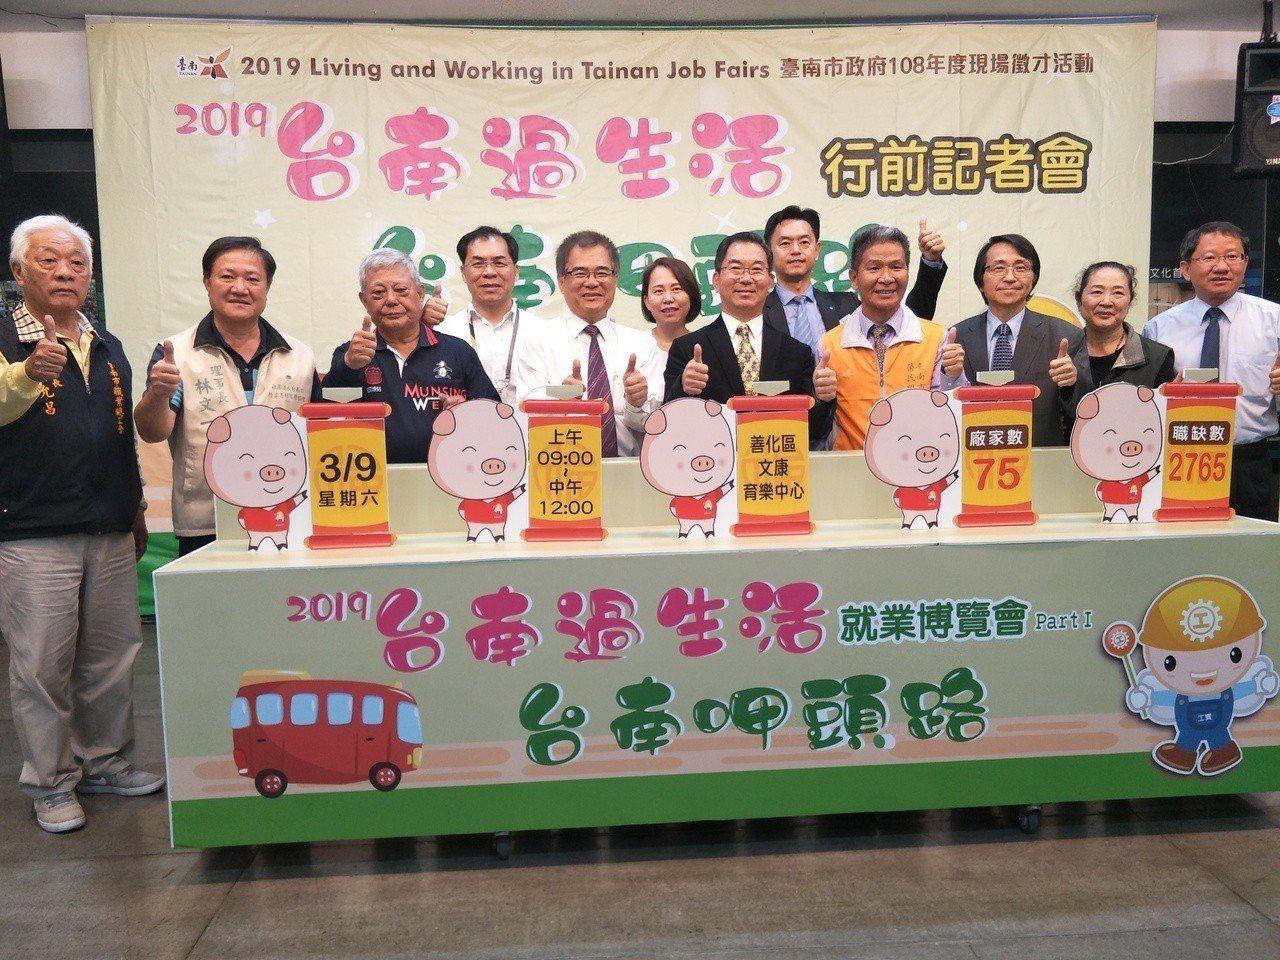 台南今年首場就業博覽會周六善化登場,提供近2800職缺。記者謝進盛/攝影